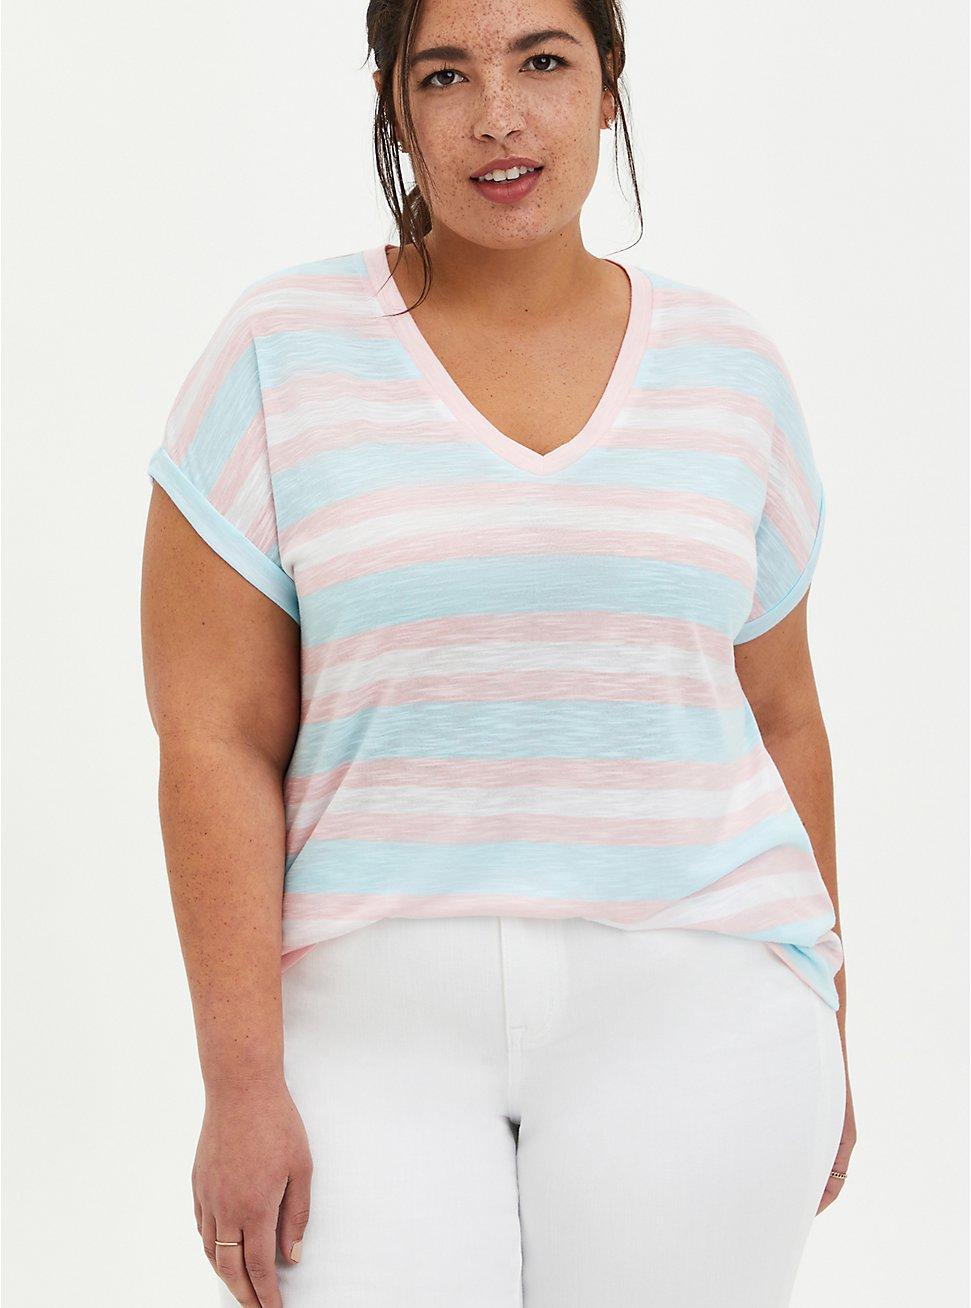 V-Neck Dolman Tee - Multi Stripe Pink, OTHER PRINTS, hi-res